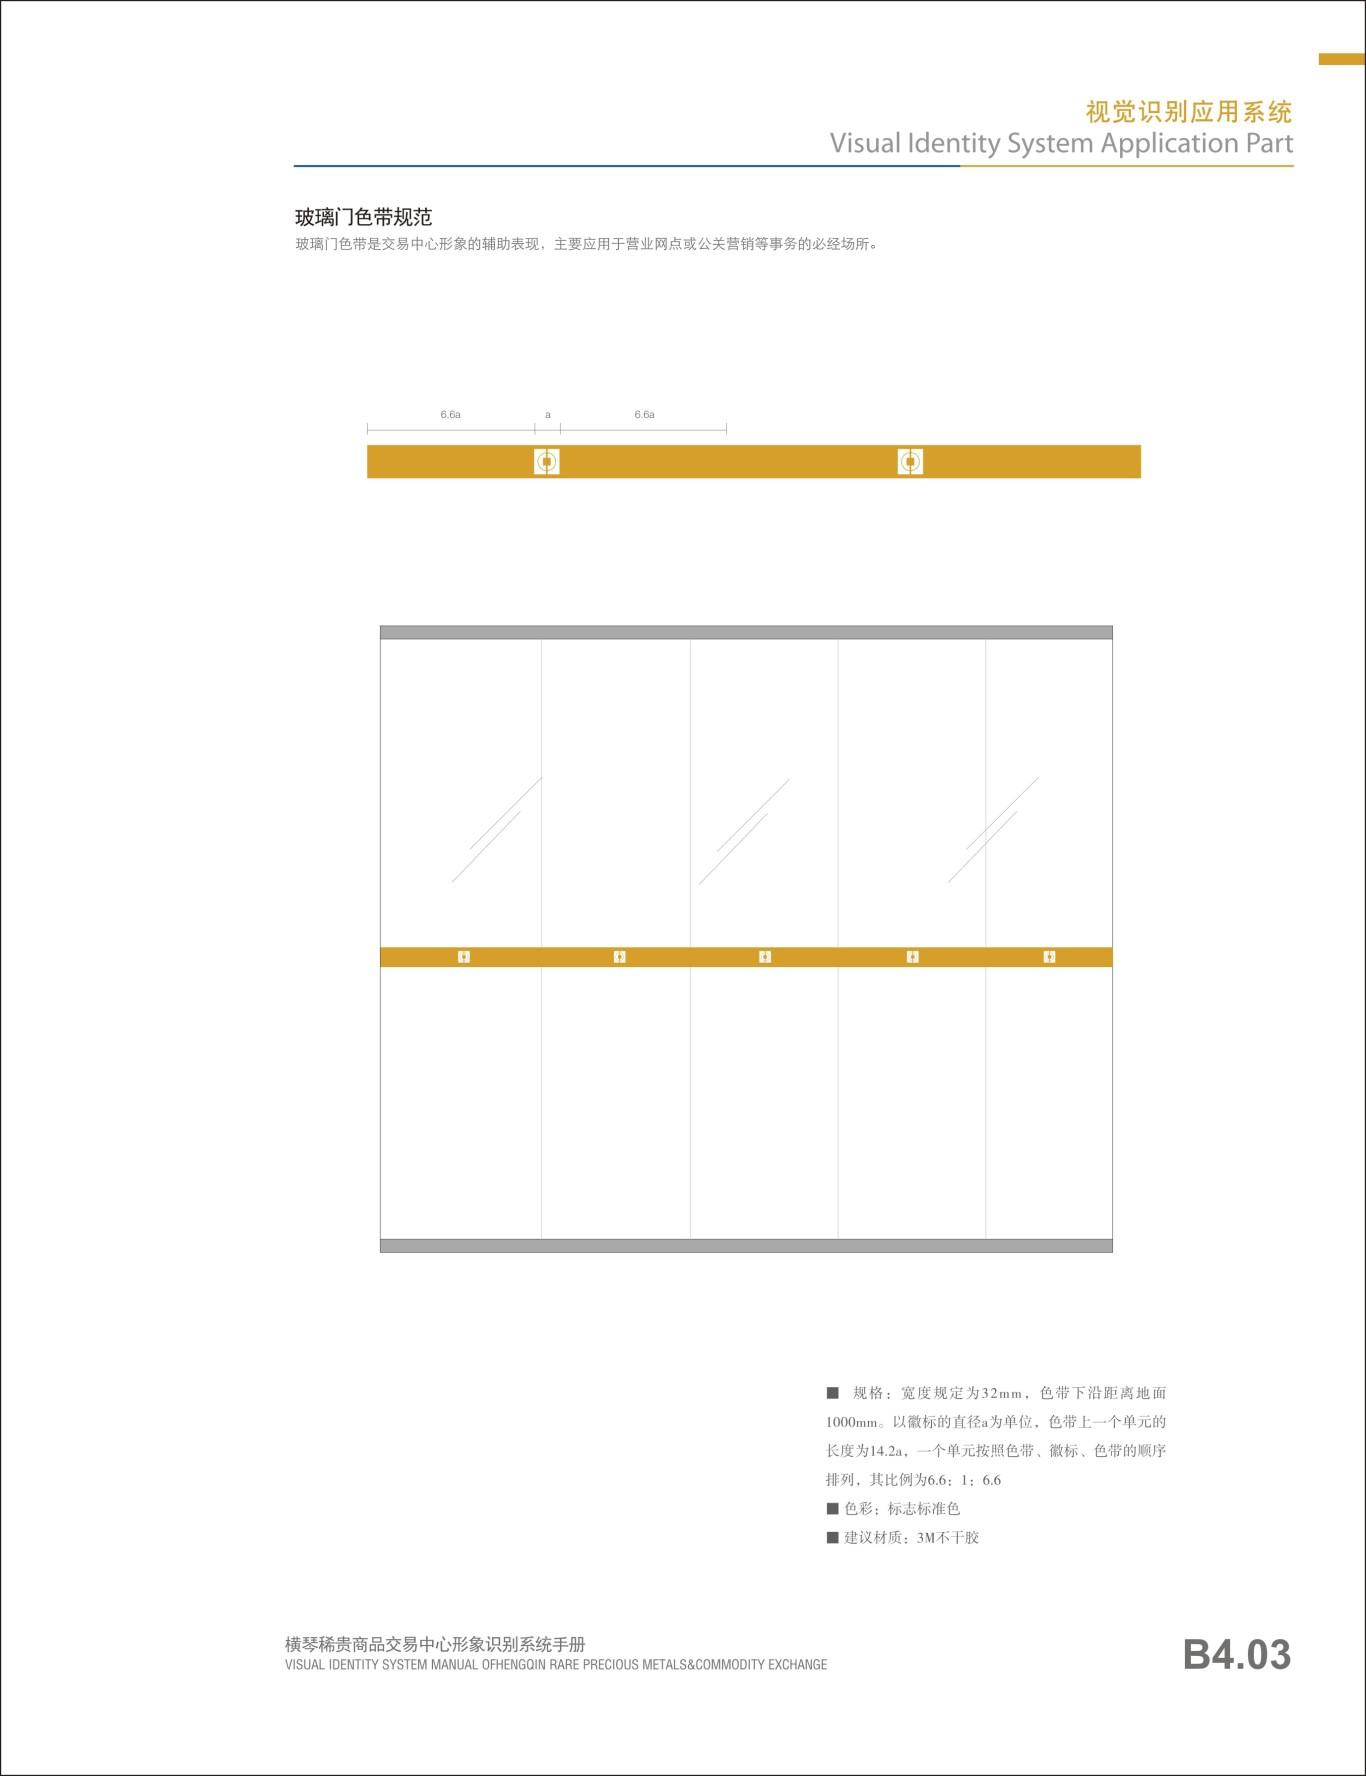 贵金属行业横琴稀贵VI手册设计图27